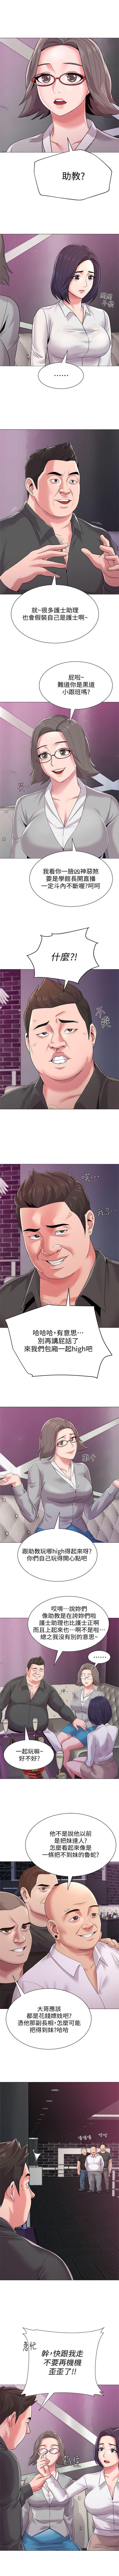 (周3)老师 1-56 中文翻译(更新中) 118